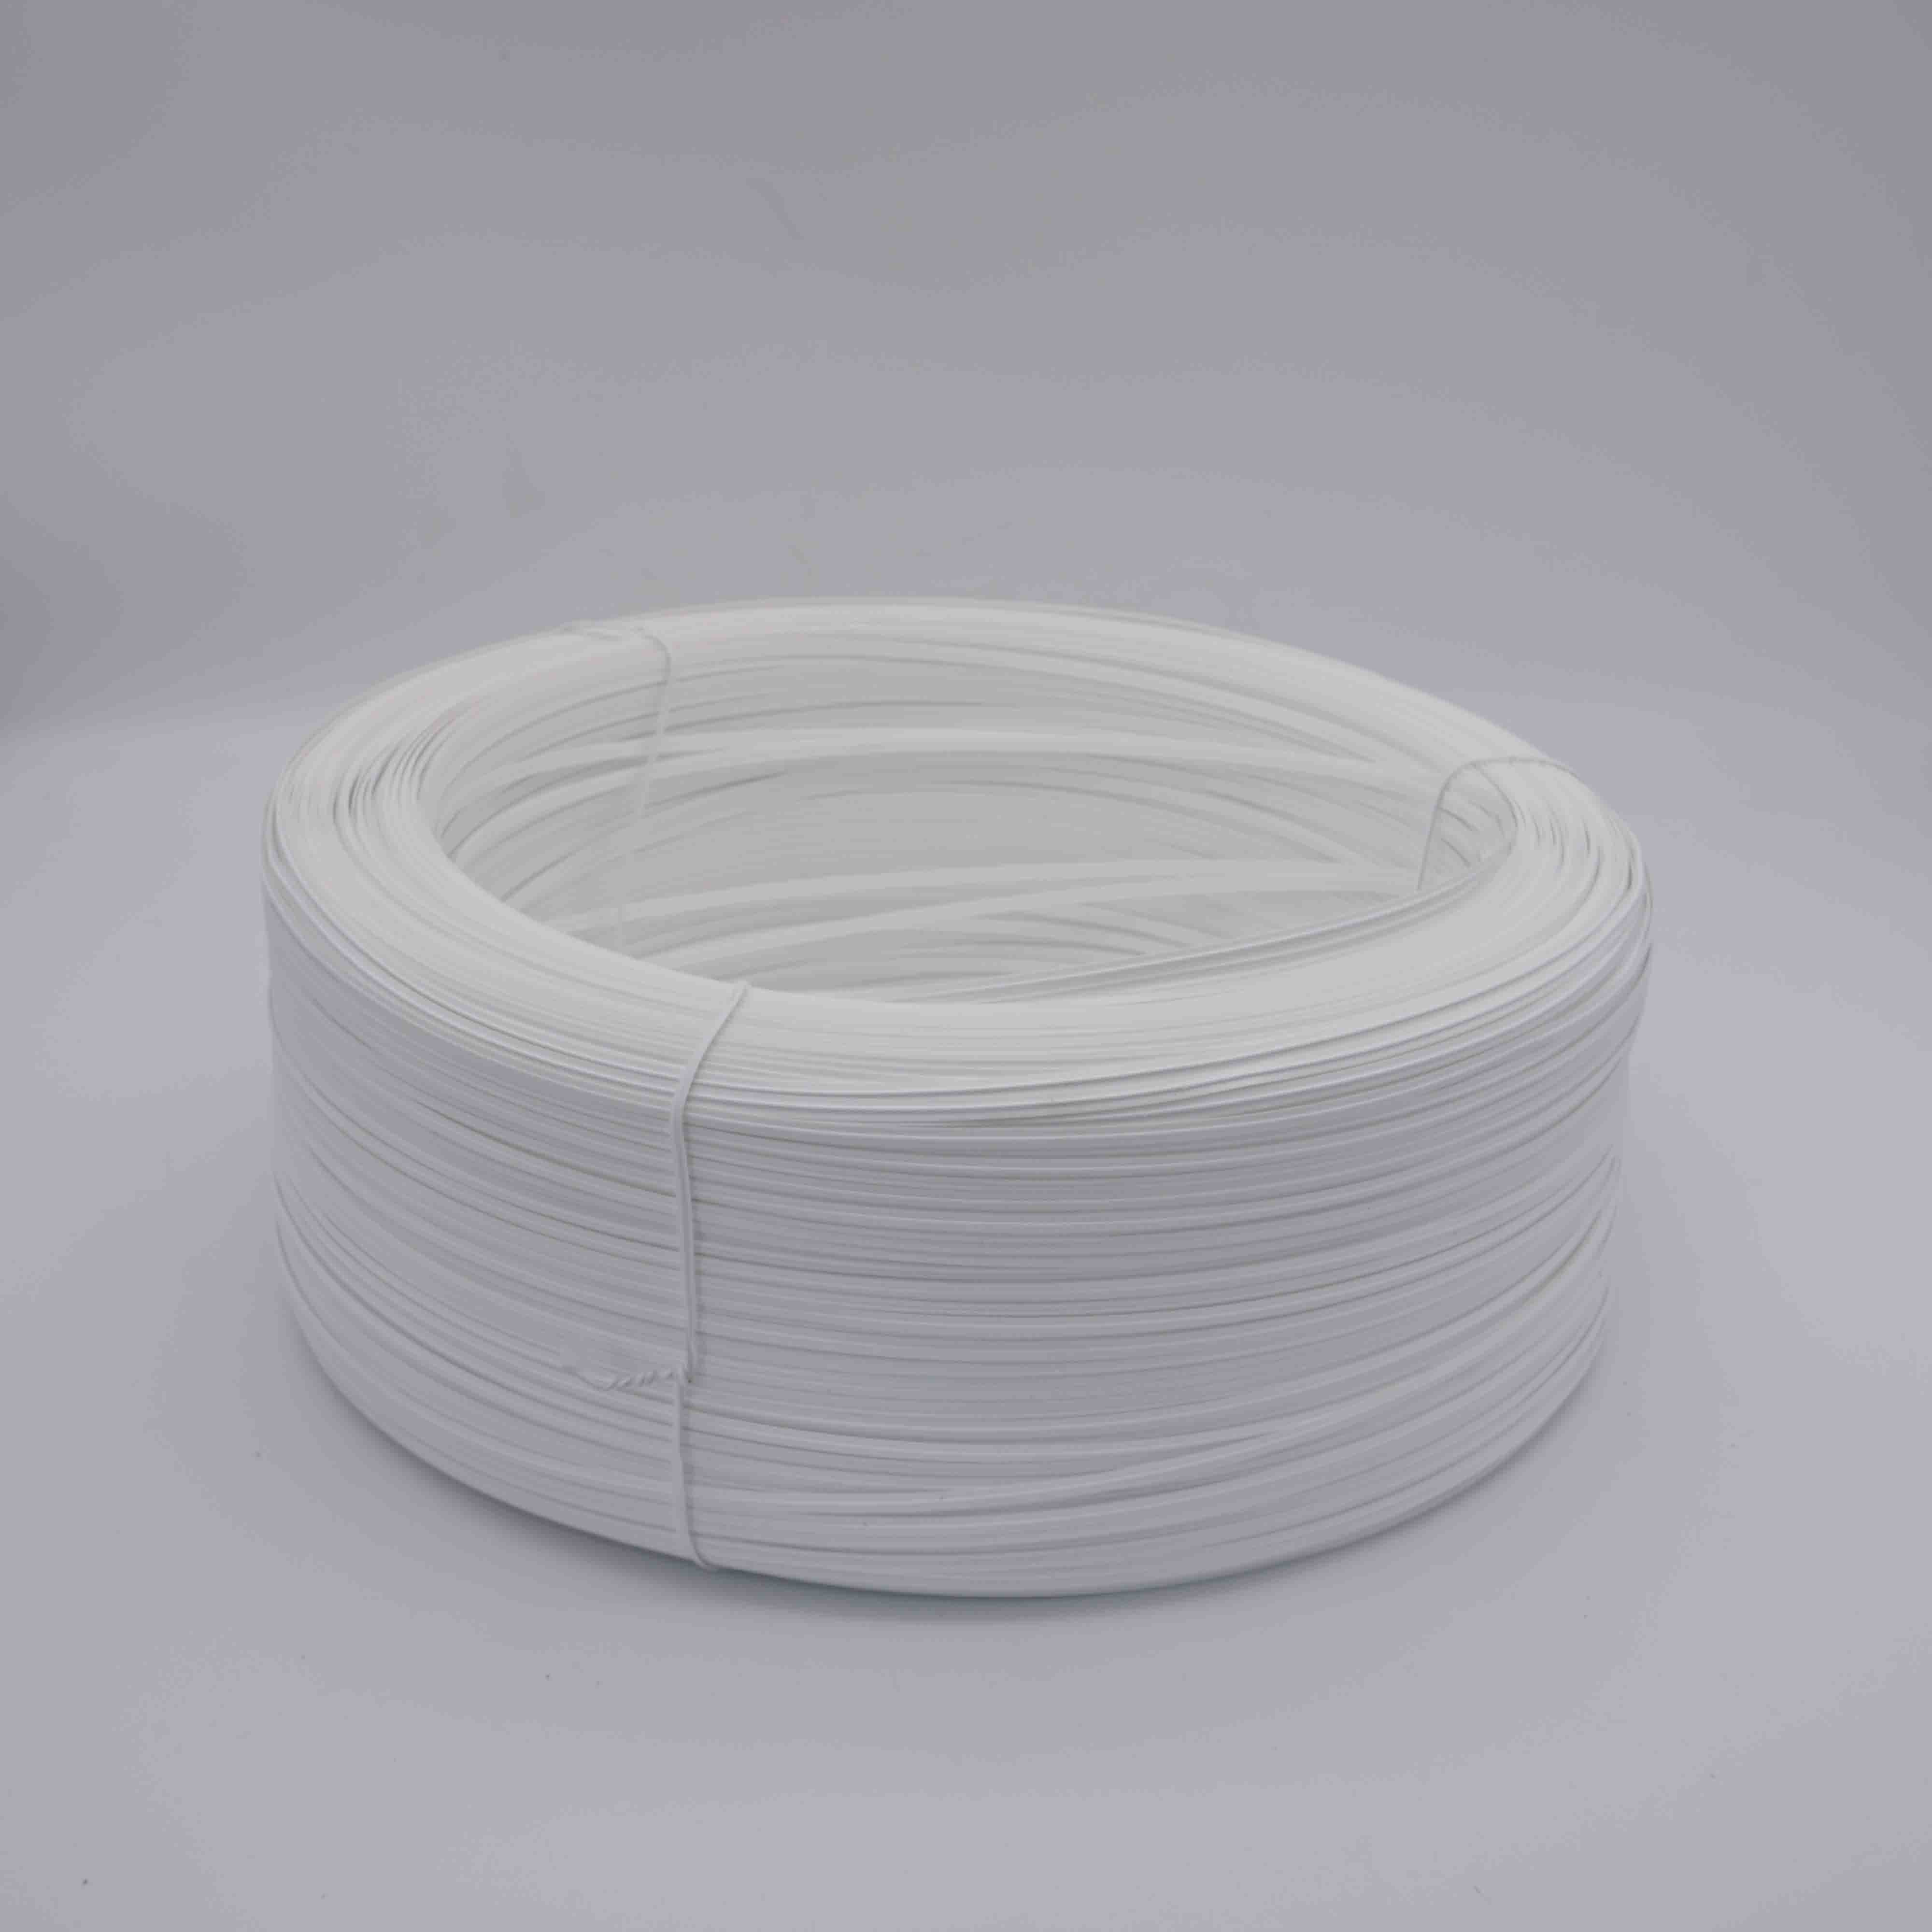 Рекламные PE оцинкованной стали 4 мм/5 мм двойной сердечник пластиковый зажим для носа с хорошей ценой